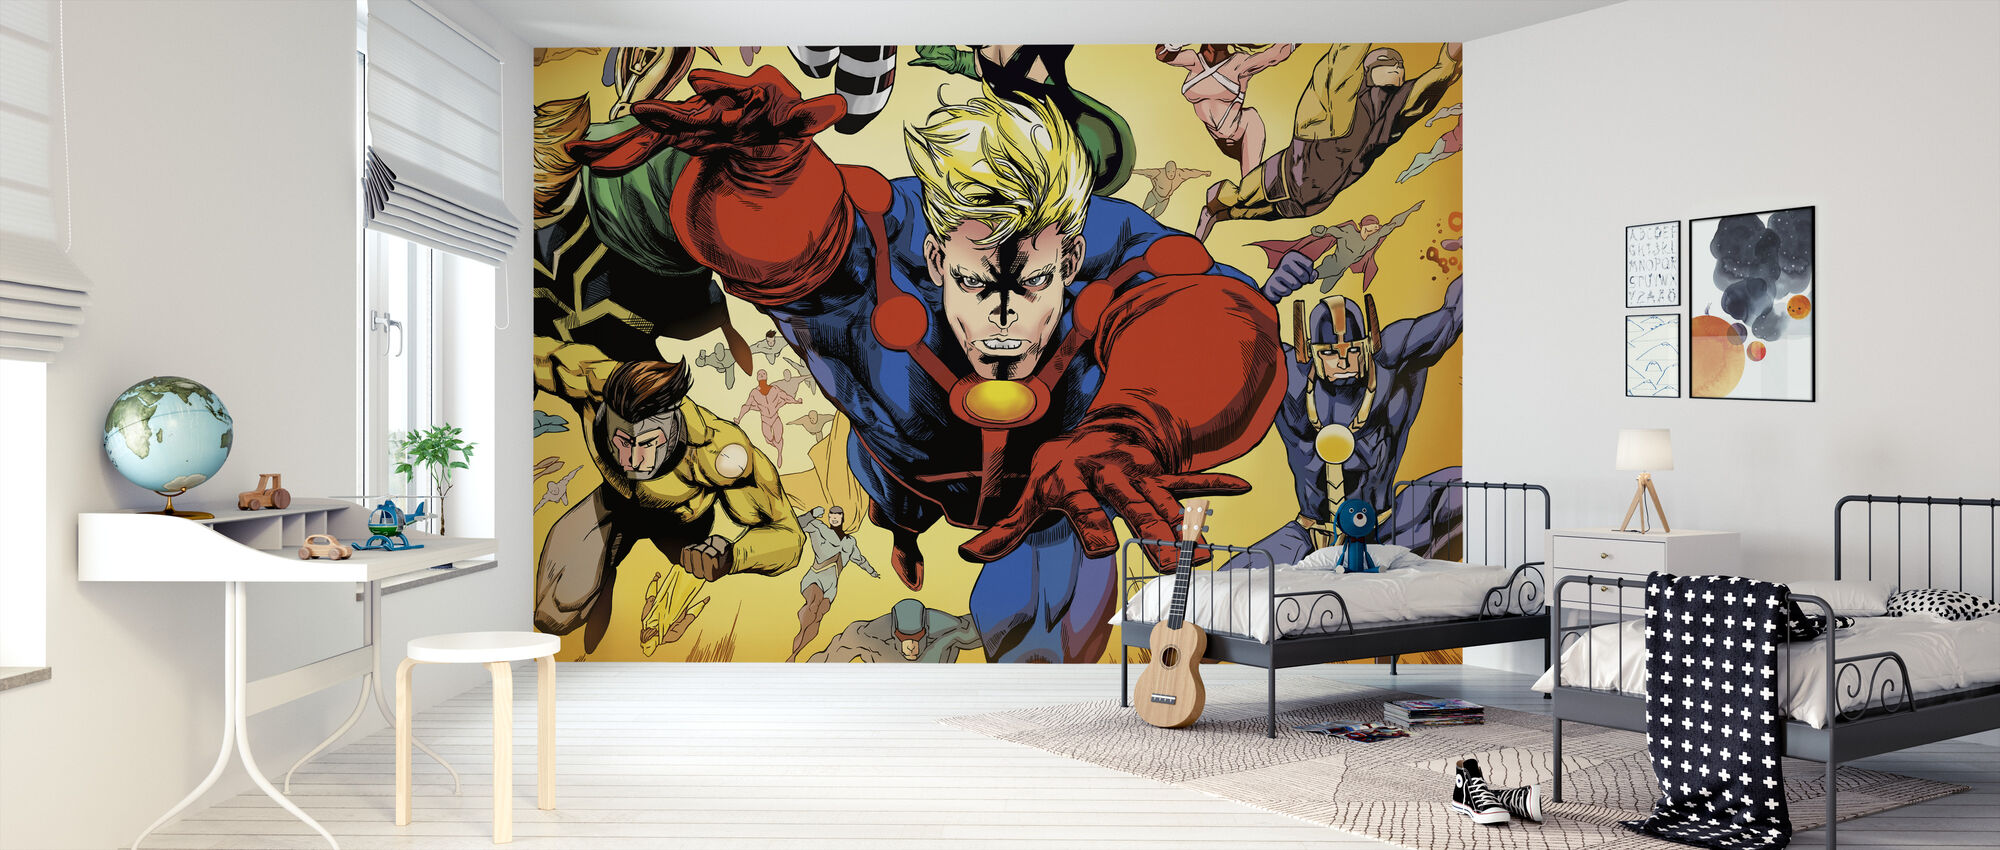 Superheros - Tapet - Børneværelse